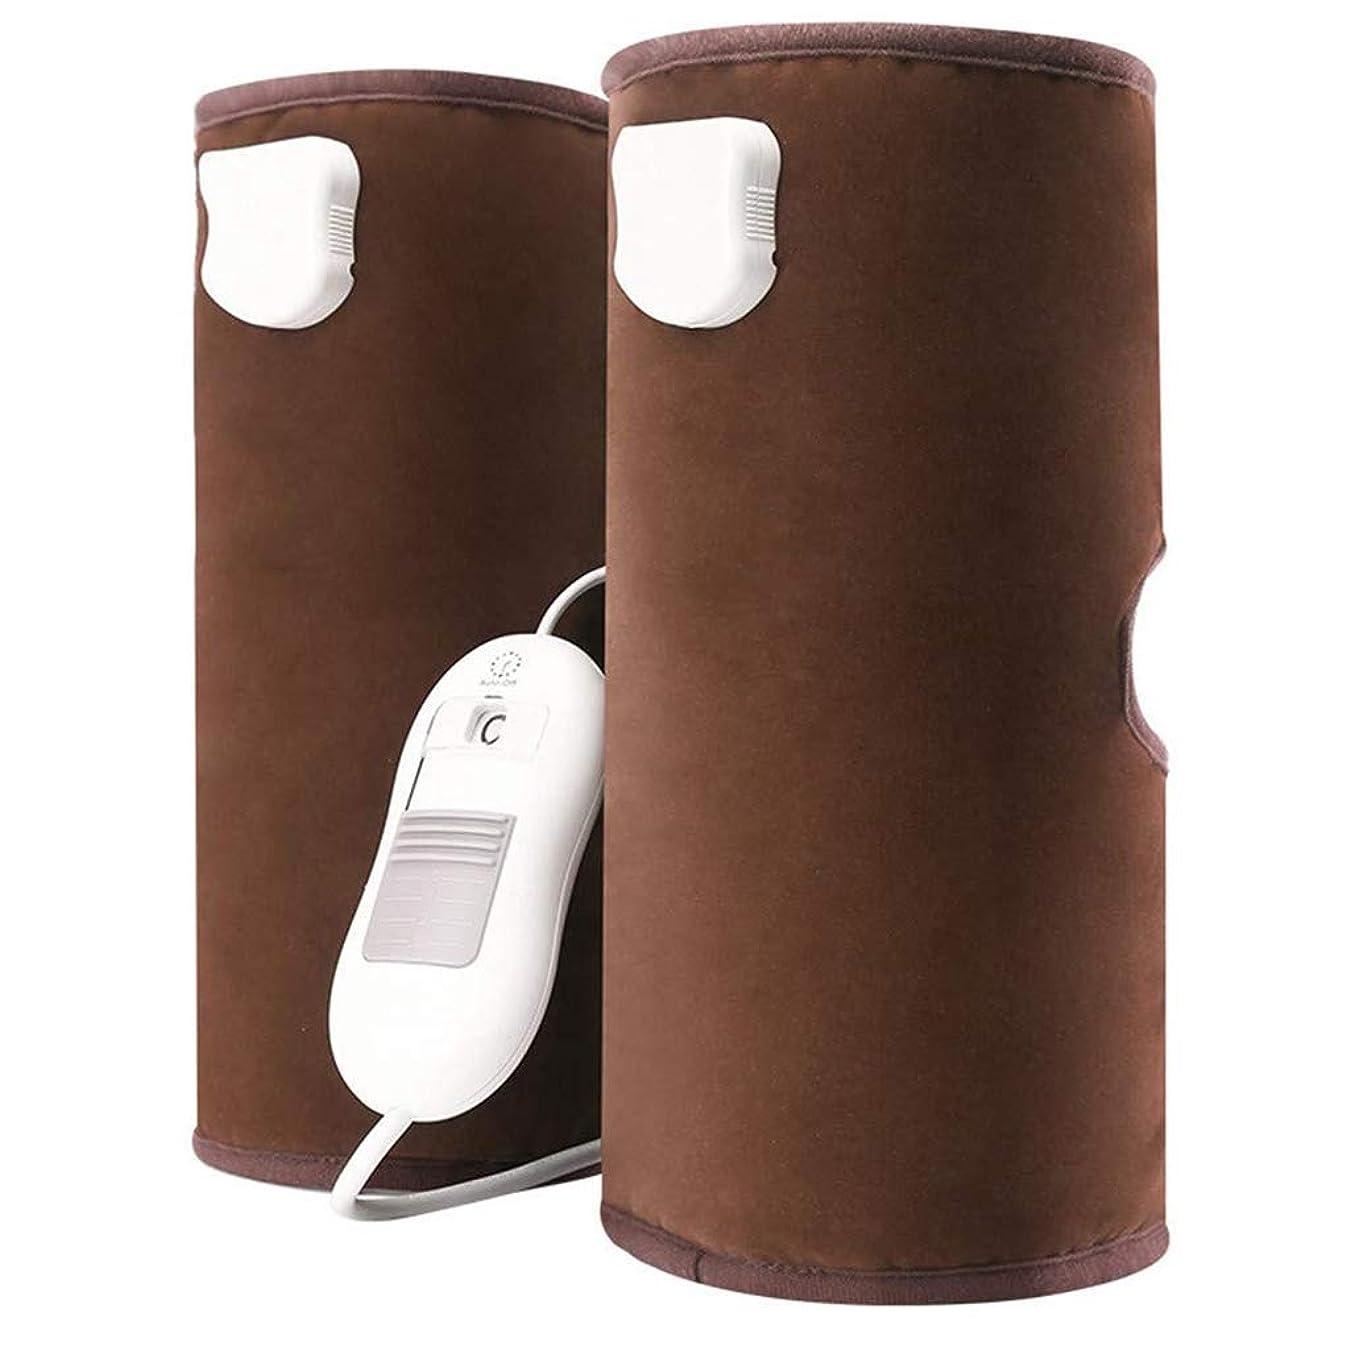 薄いです舌持つ循環と筋肉の痛みを軽減するための電熱膝パッド空気圧縮脚マッサージ、(青、赤、茶色)父の日ギフト,Brown